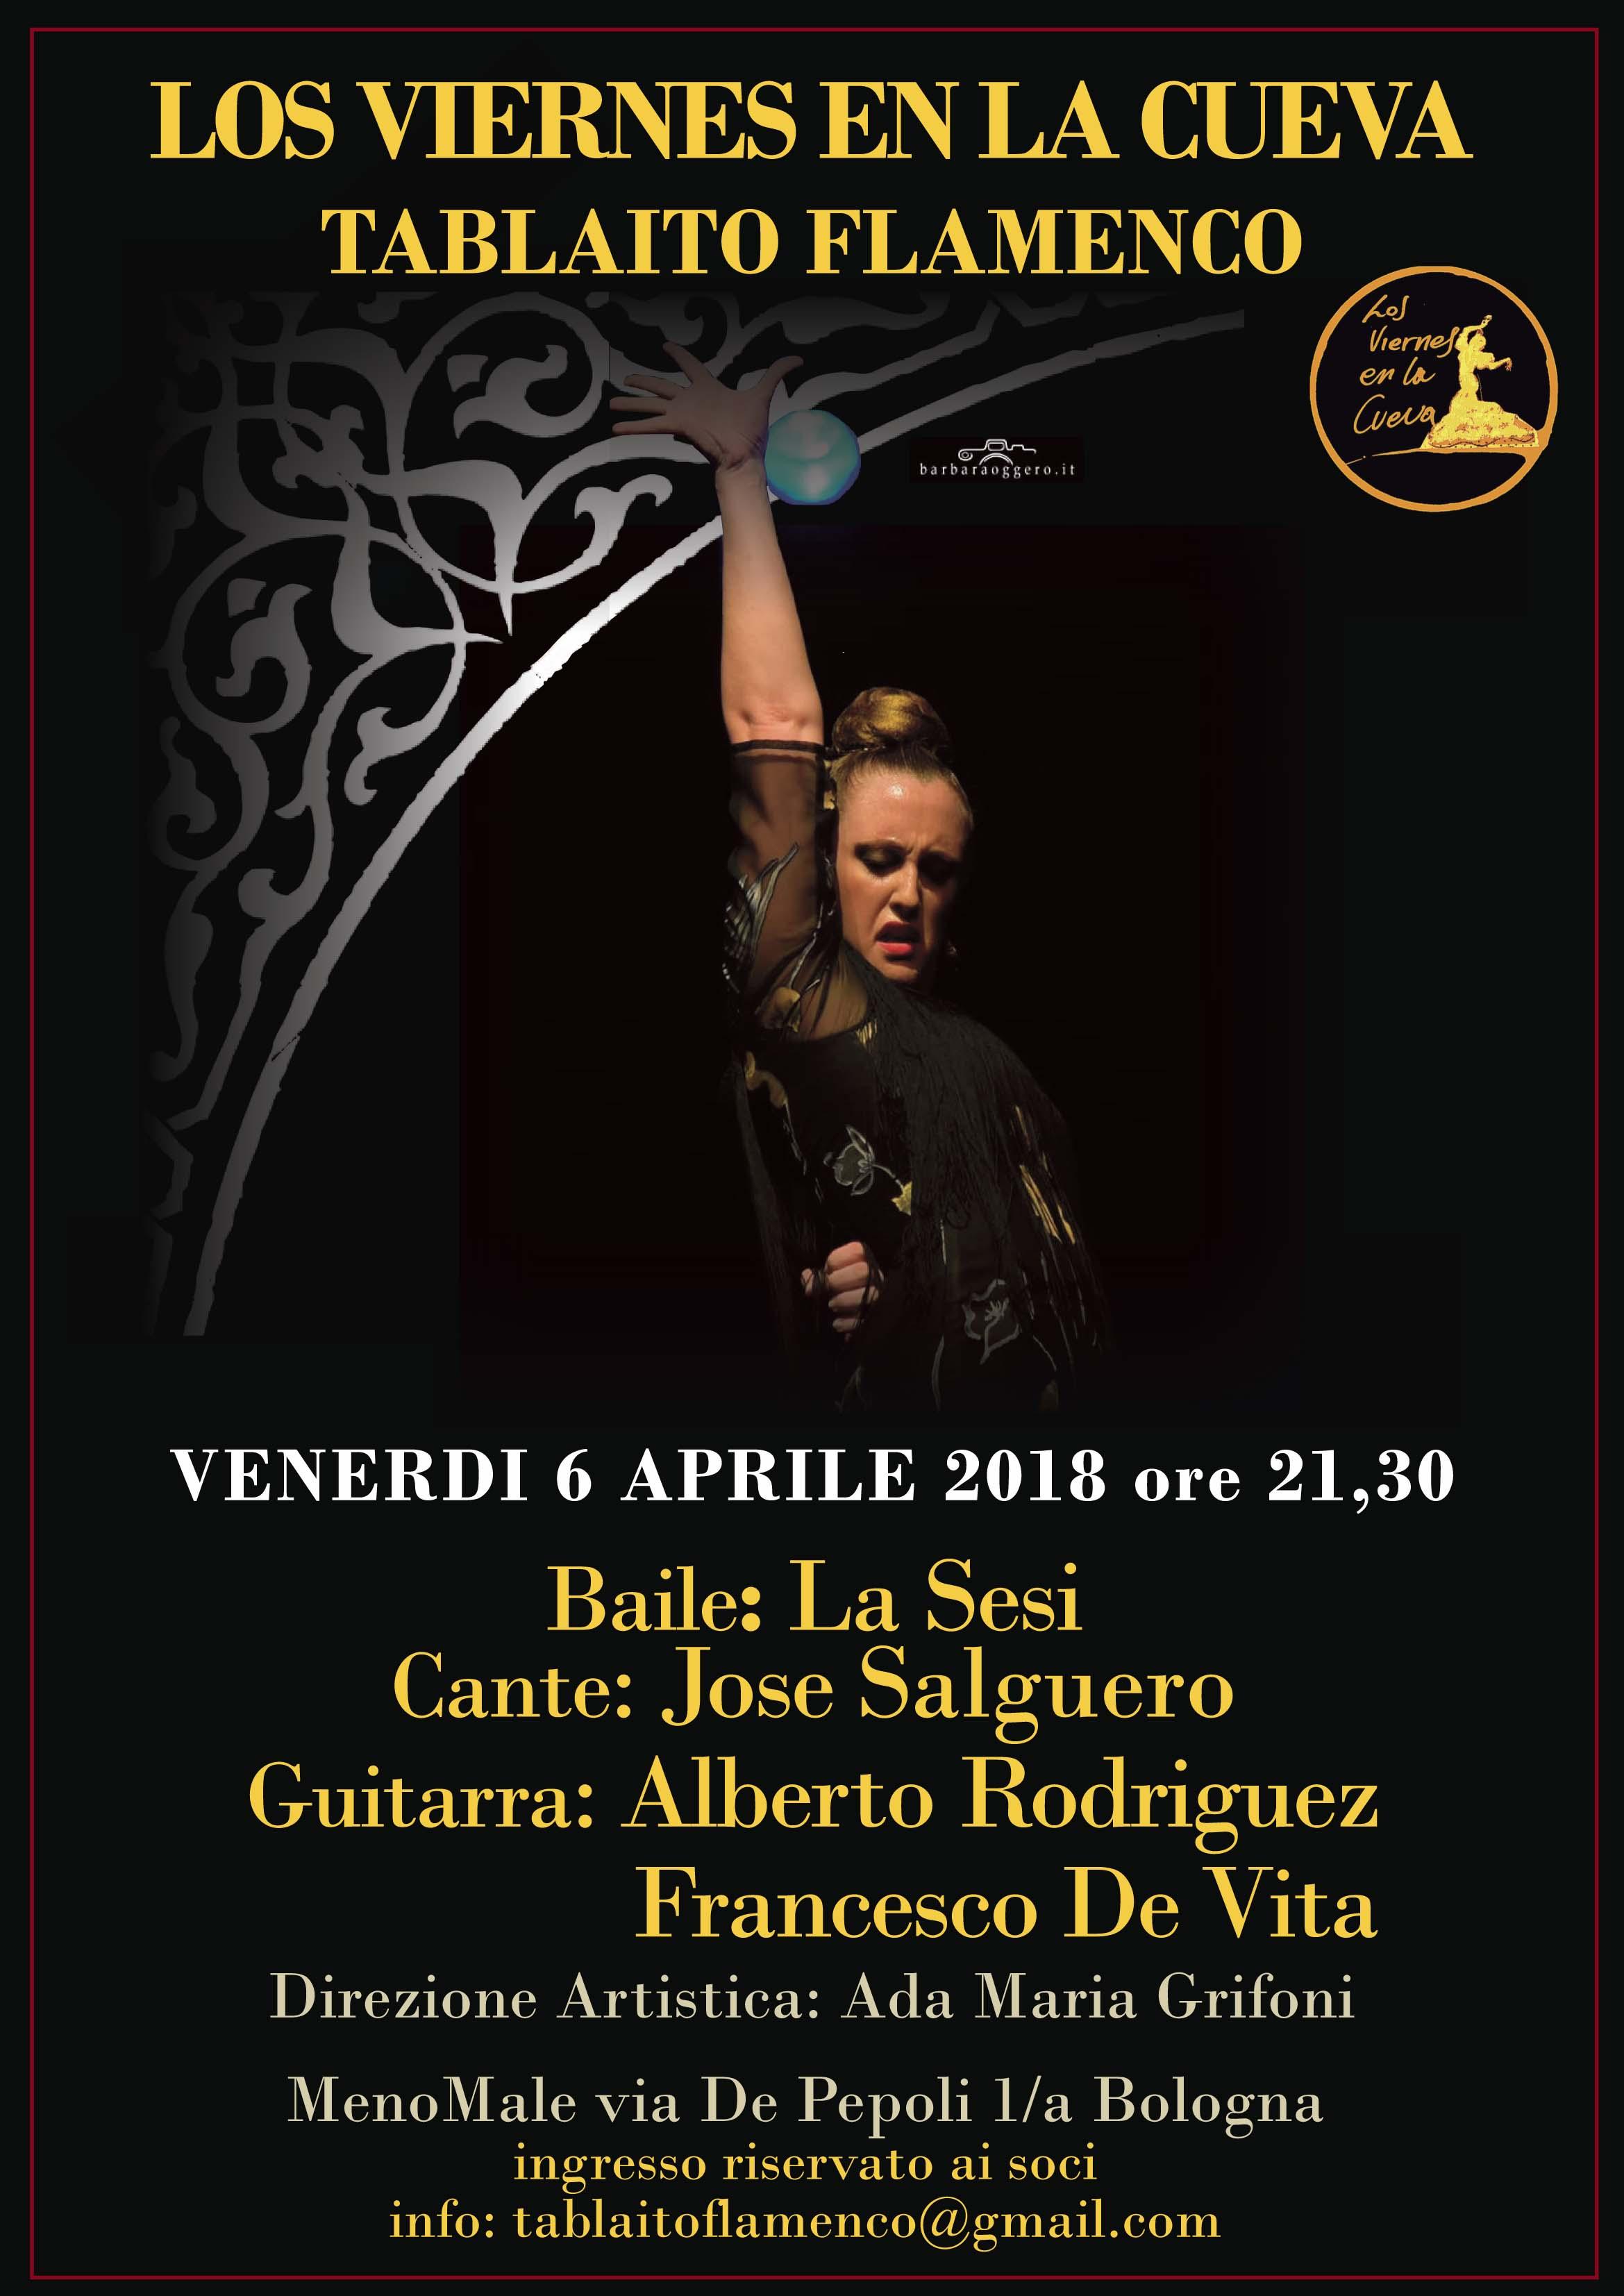 tablao flamenco Bologna centro Los Viernes en la Cueva La sesi